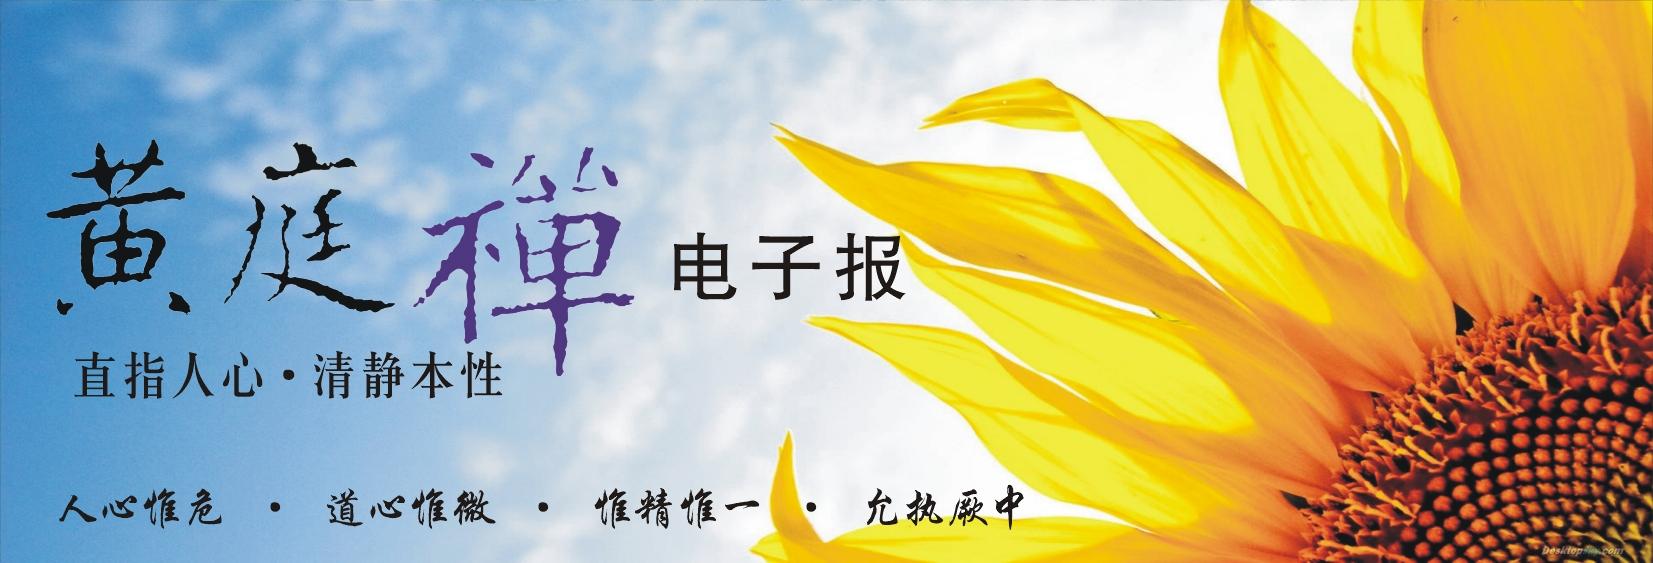 中华黄庭禅学会2020.08.11电子报